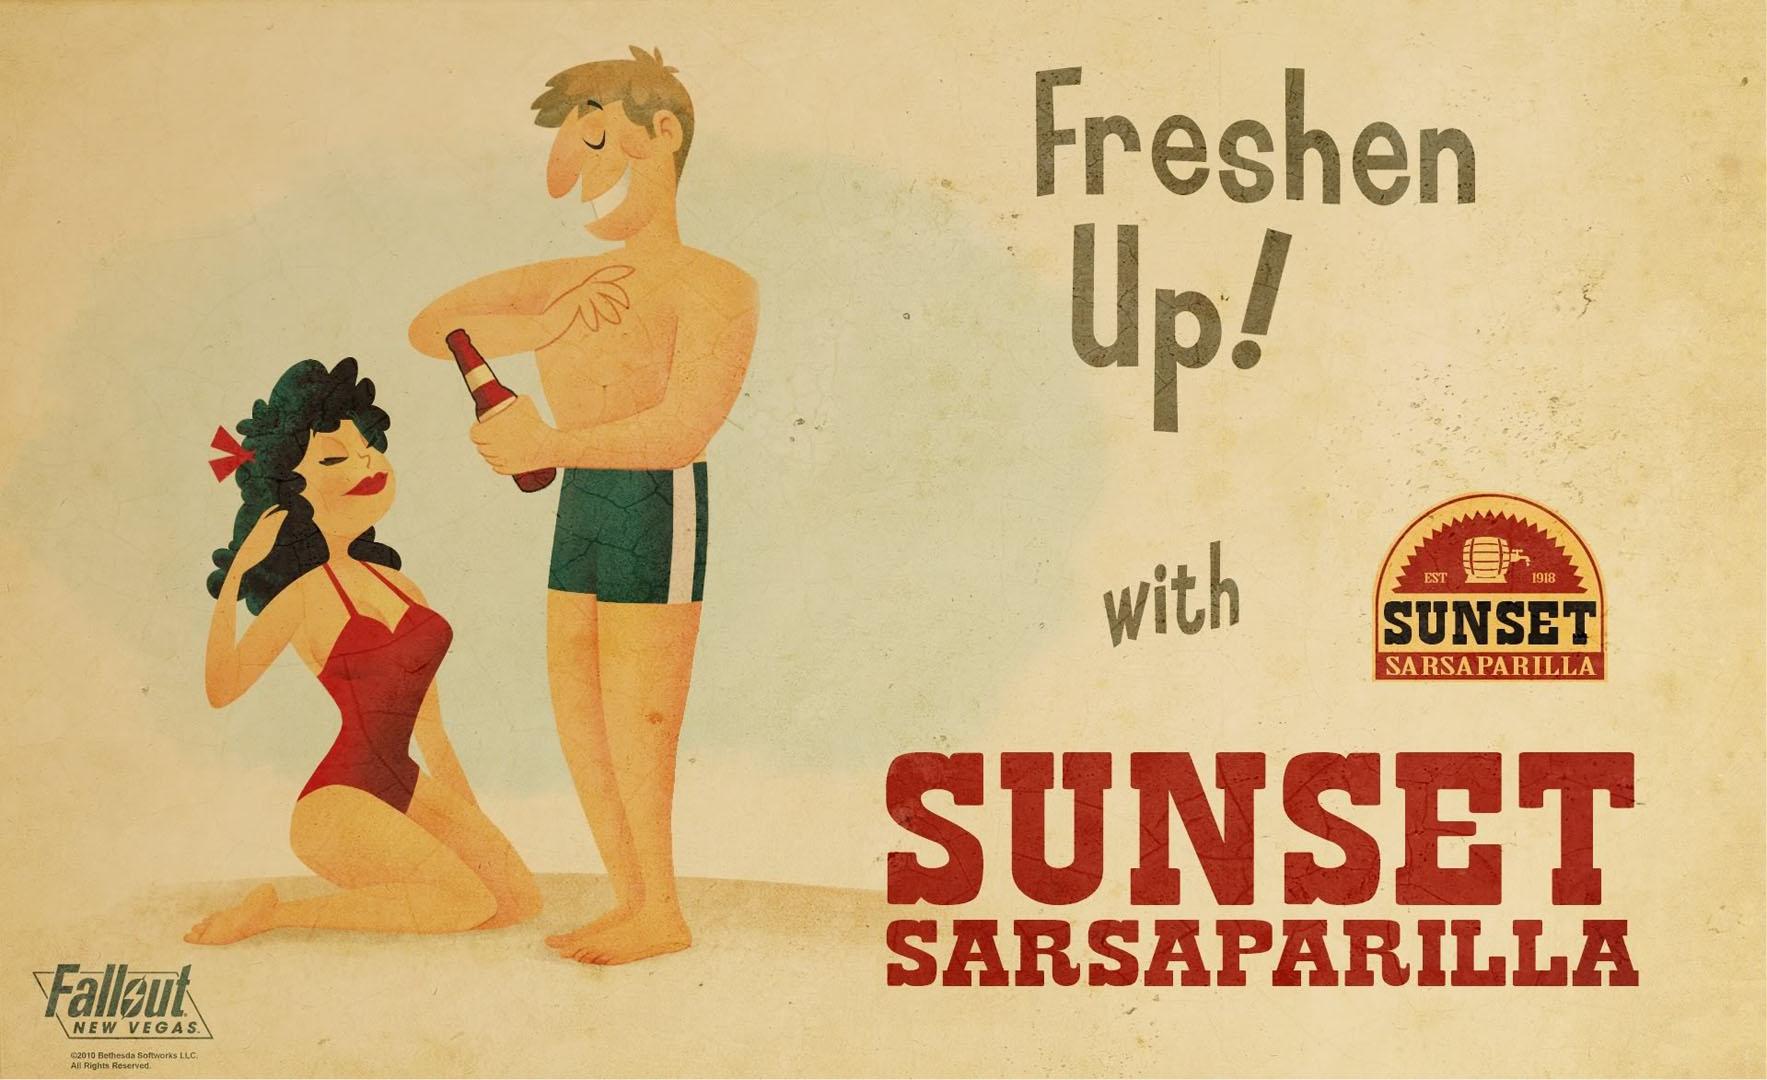 Freshen Up With Sunset Sarsaparilla